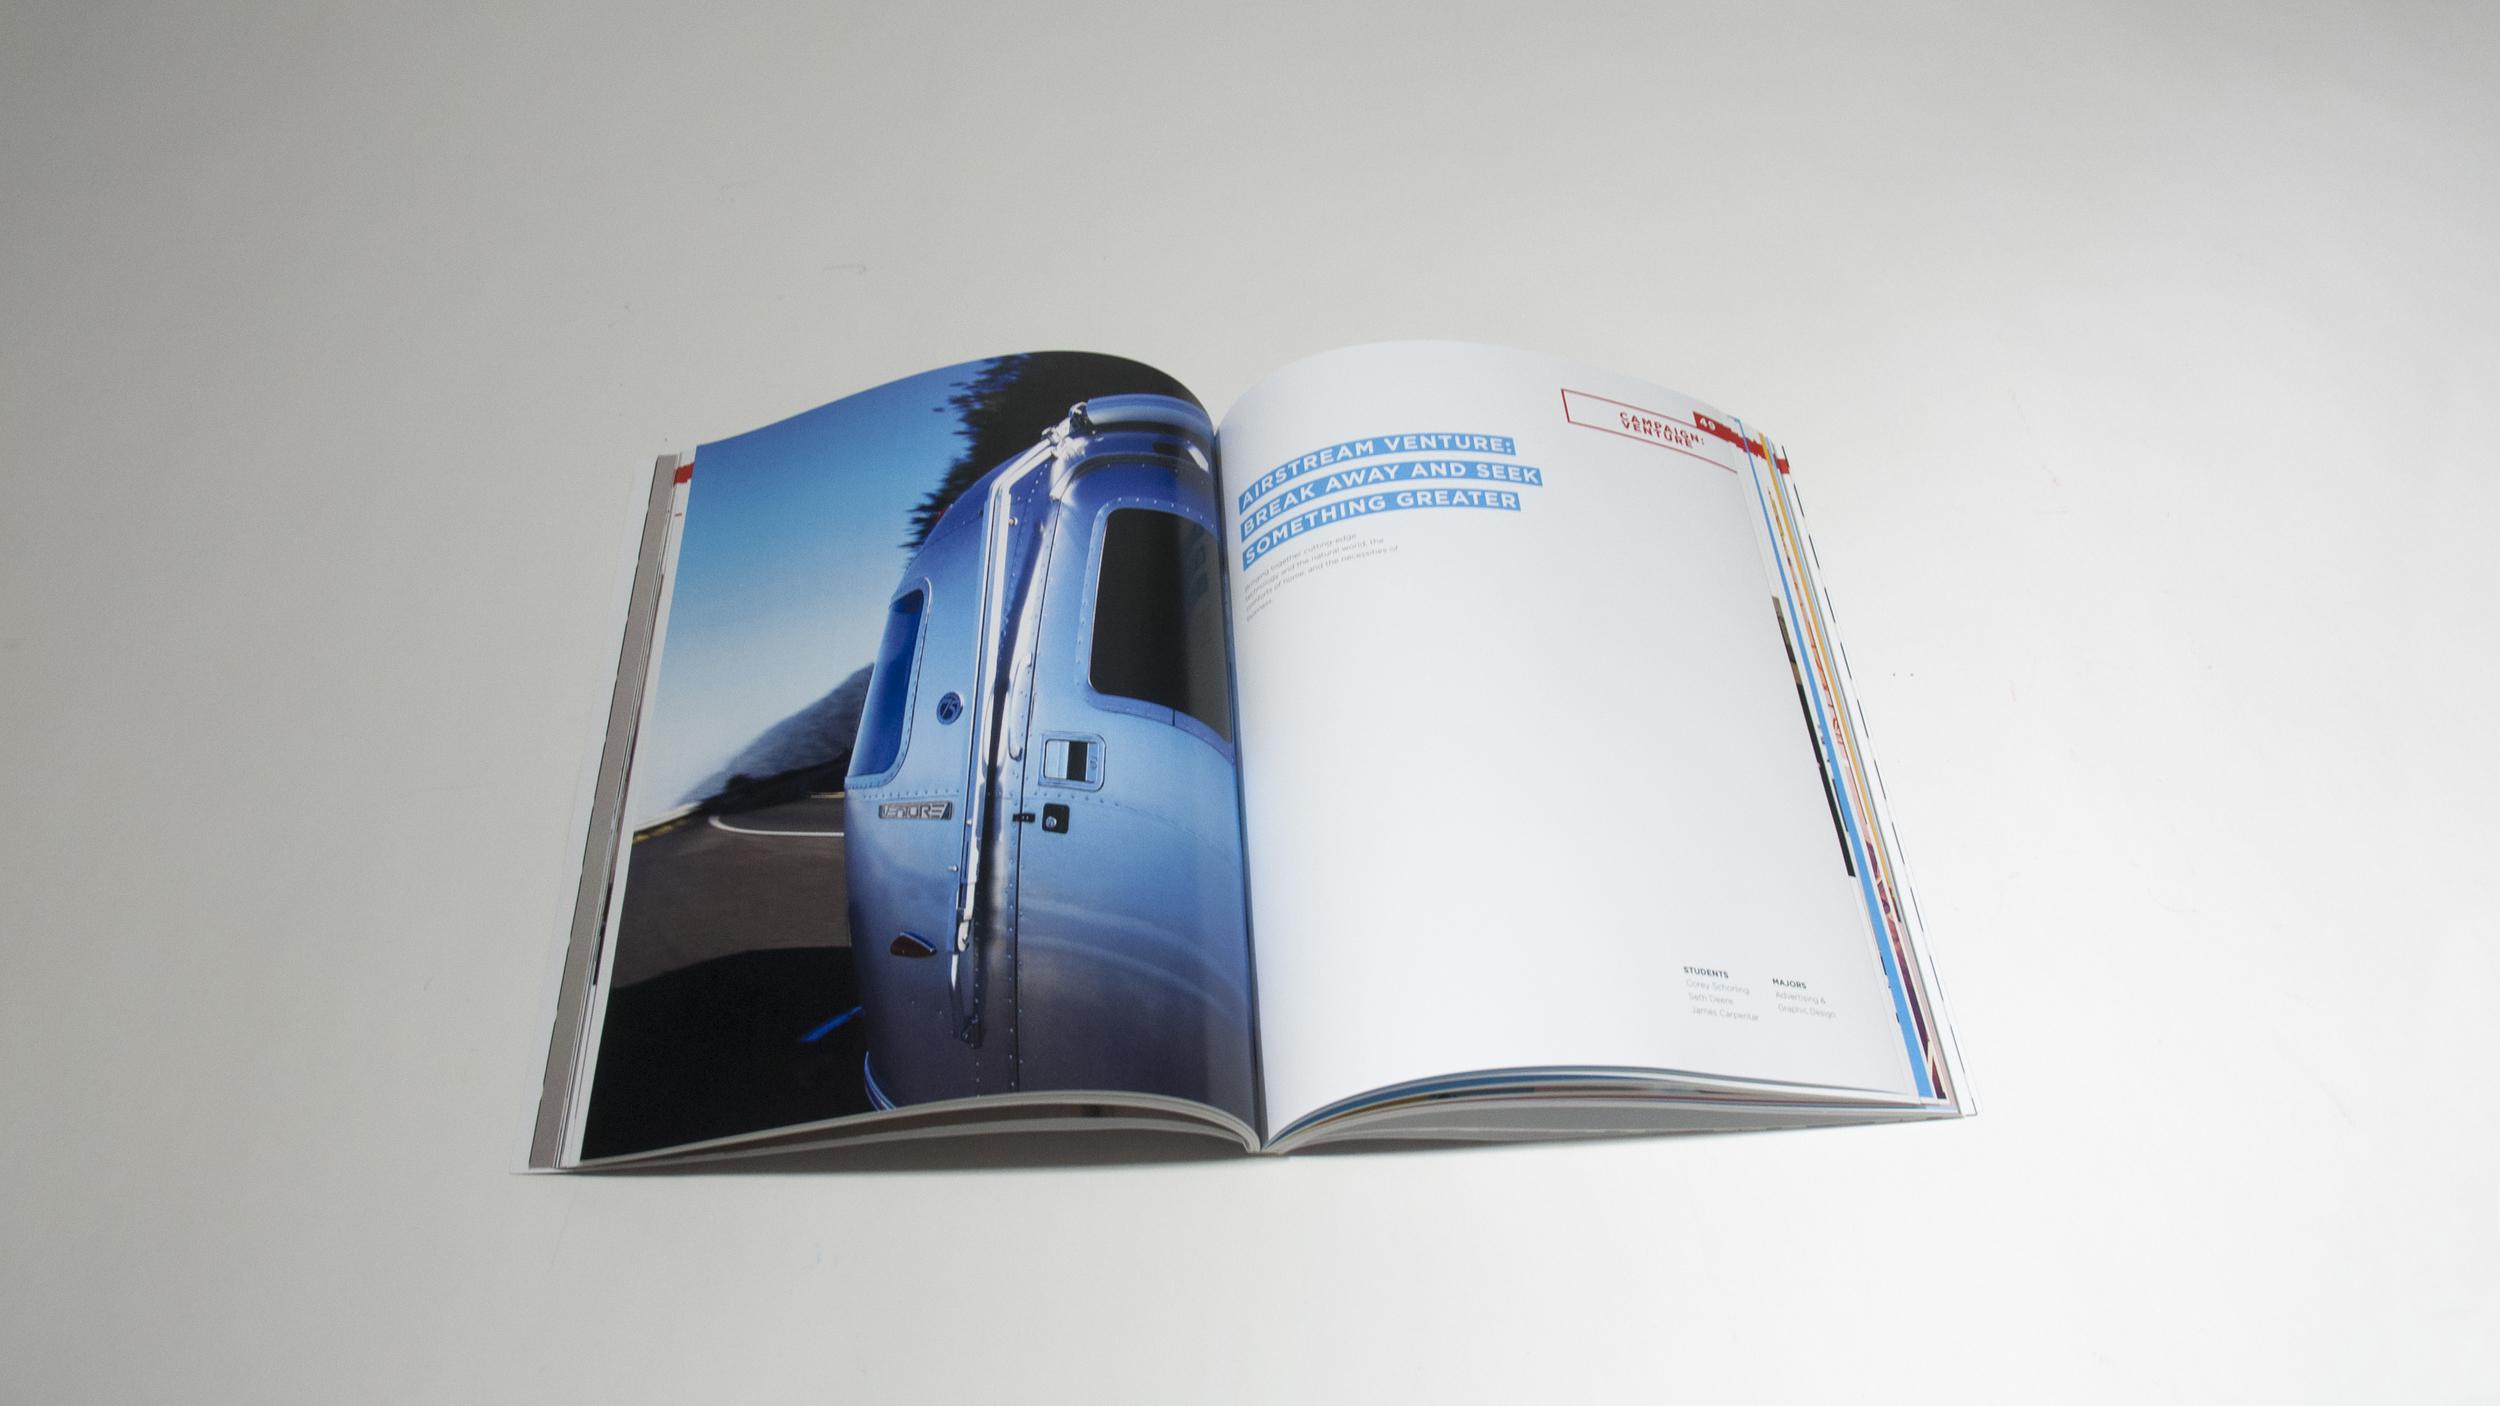 AirstreamPursuit_Venture_1.jpg